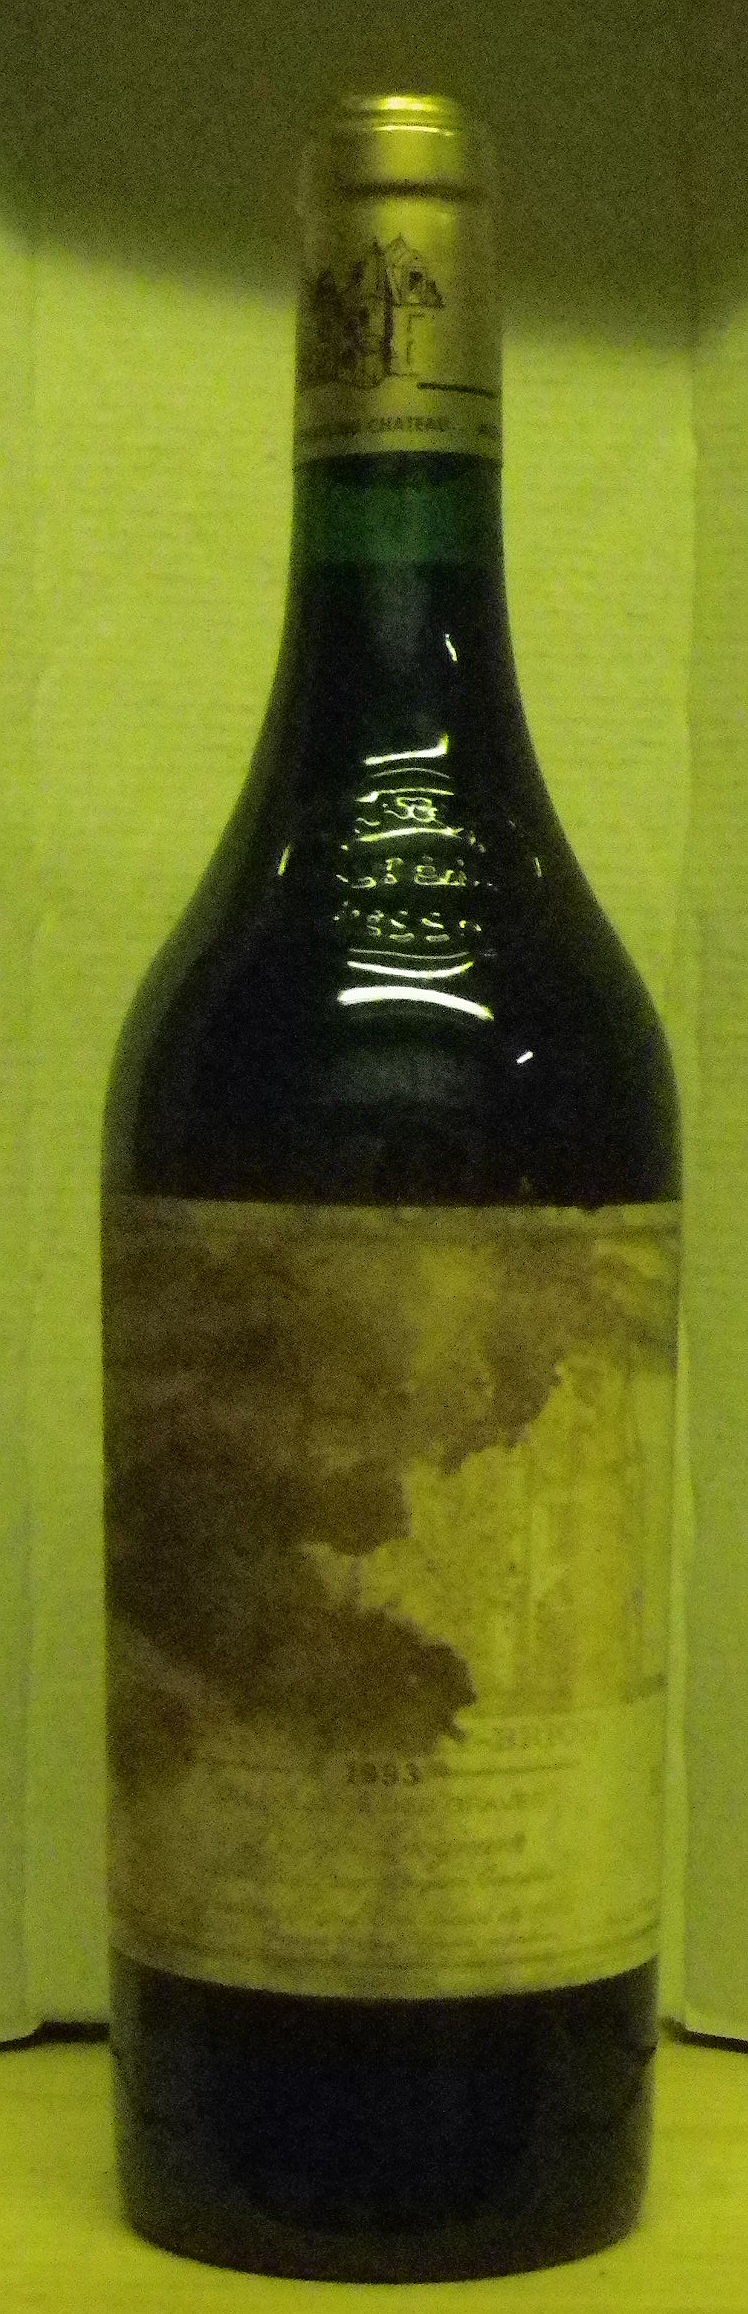 1 Bouteille HAUT BRION Etiquette tachée, fanée.  Label stained, faded.  1993